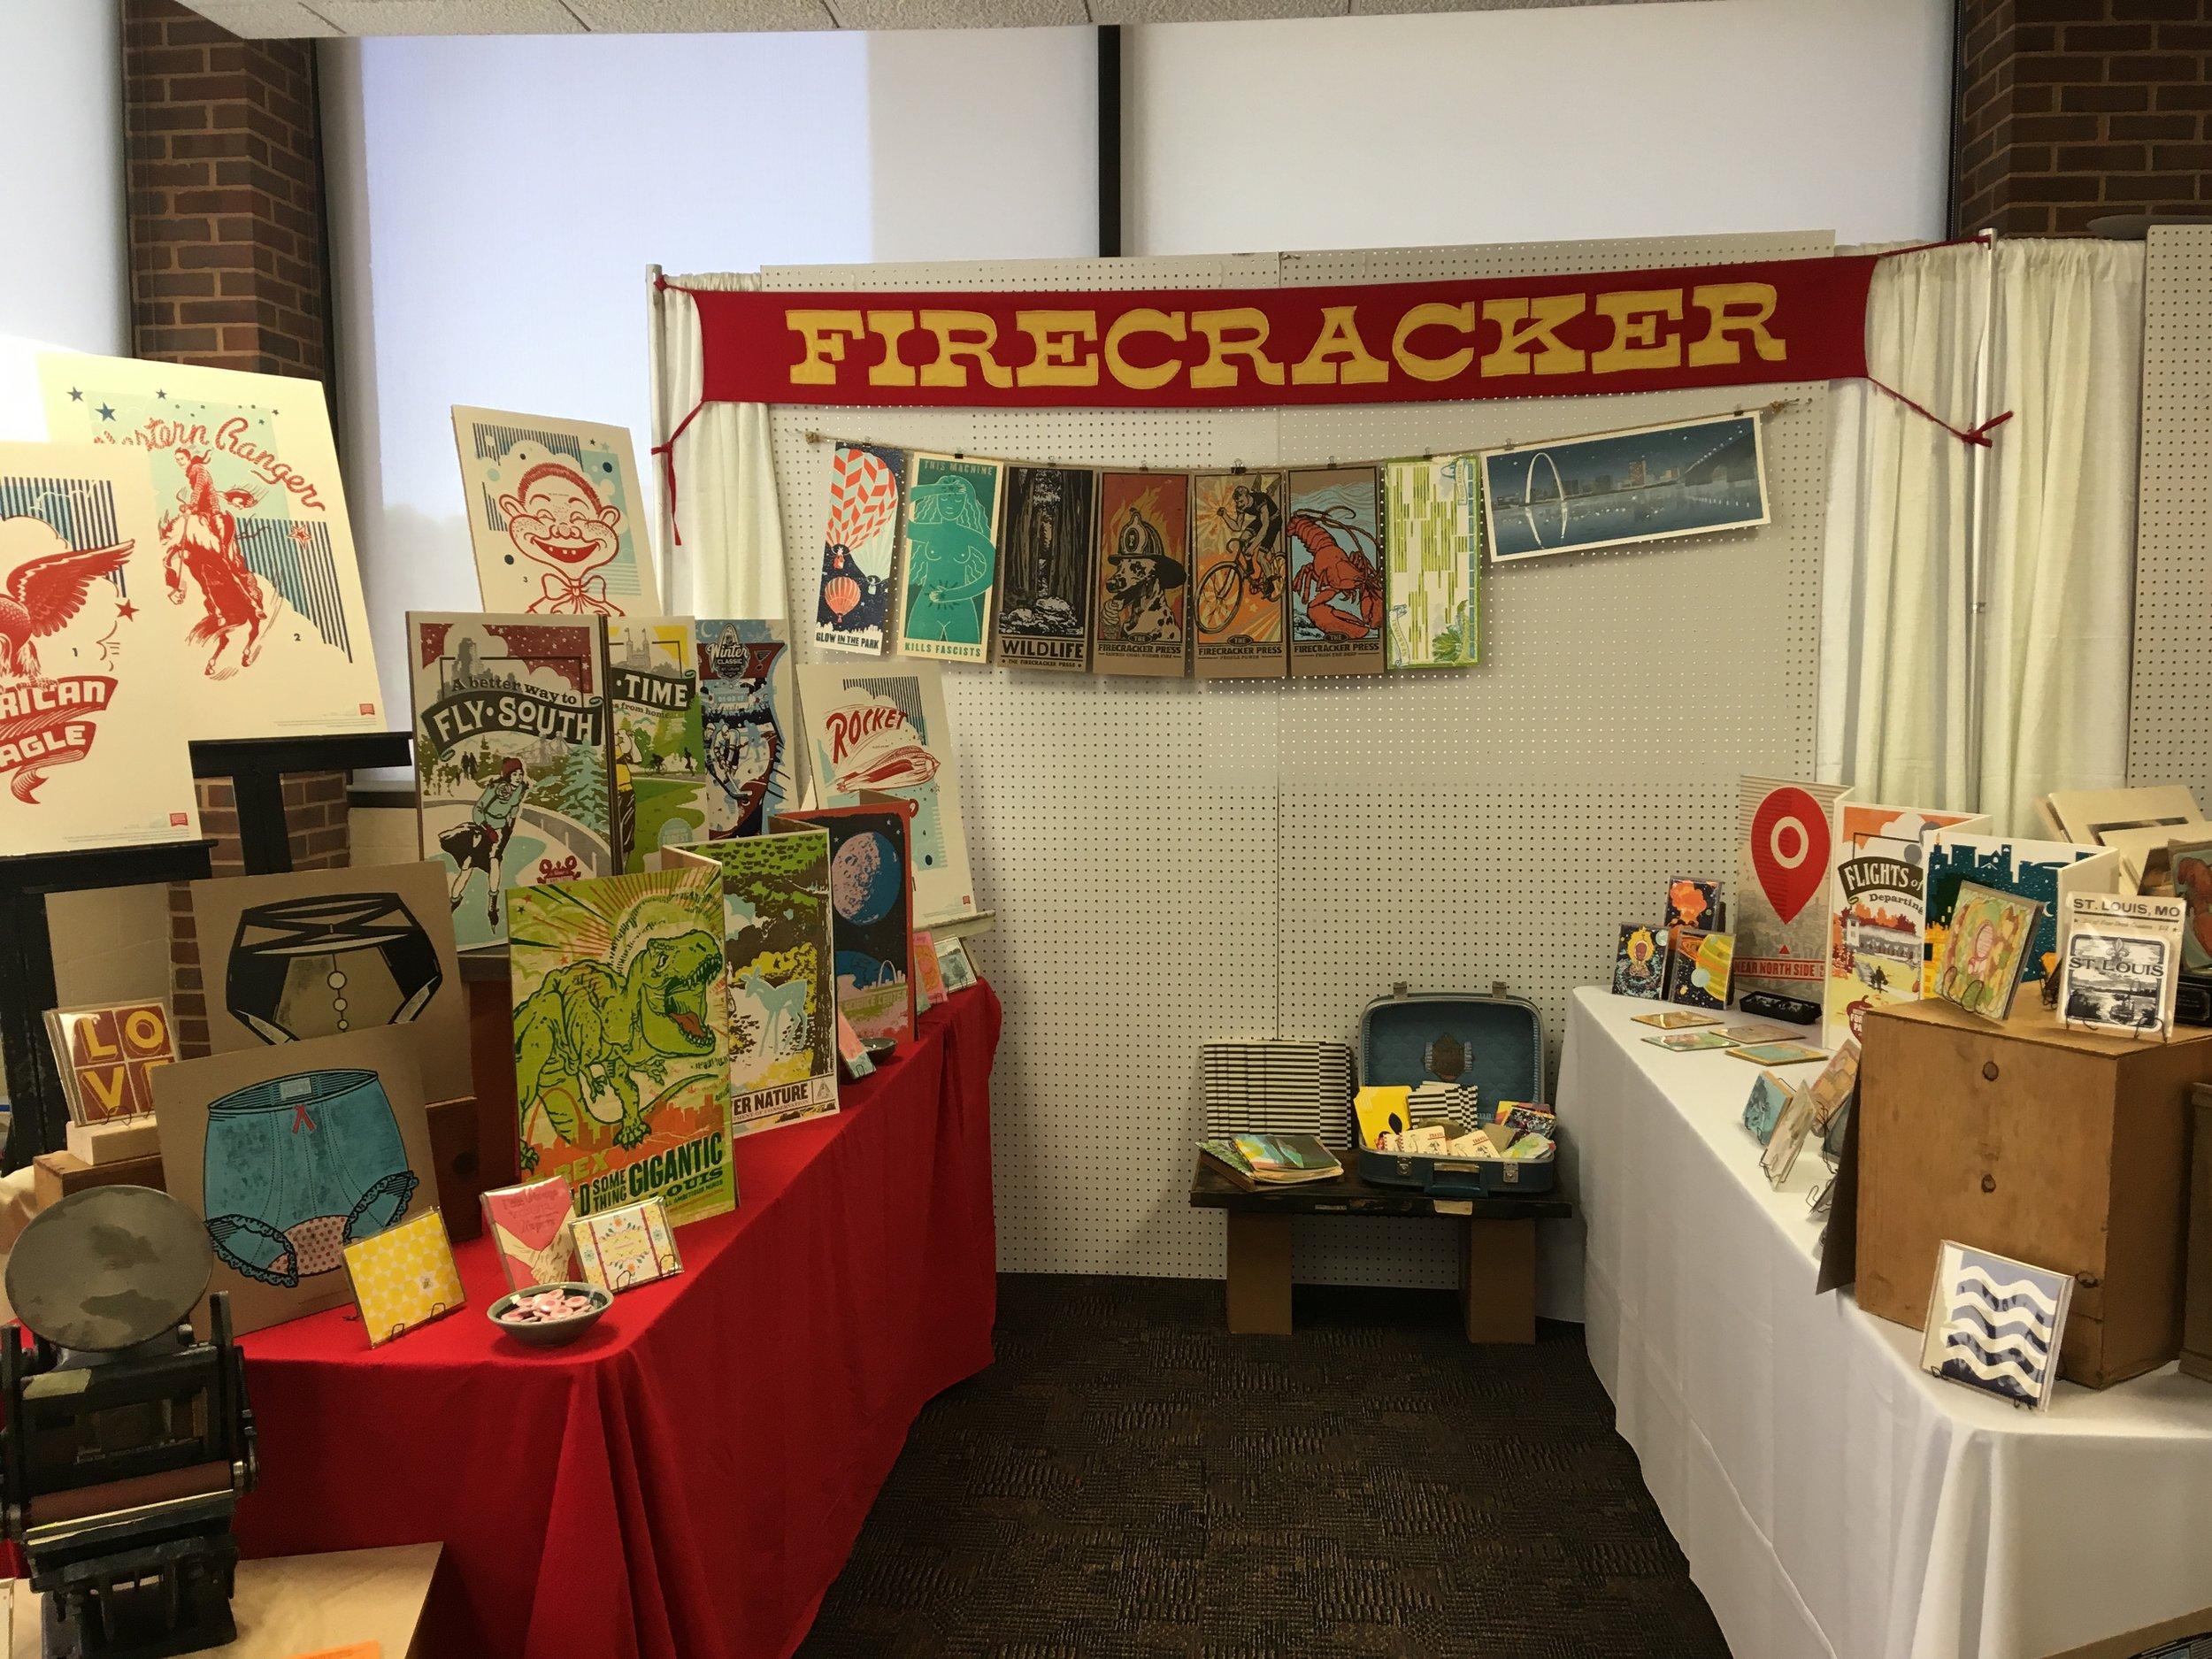 Firecracker Press